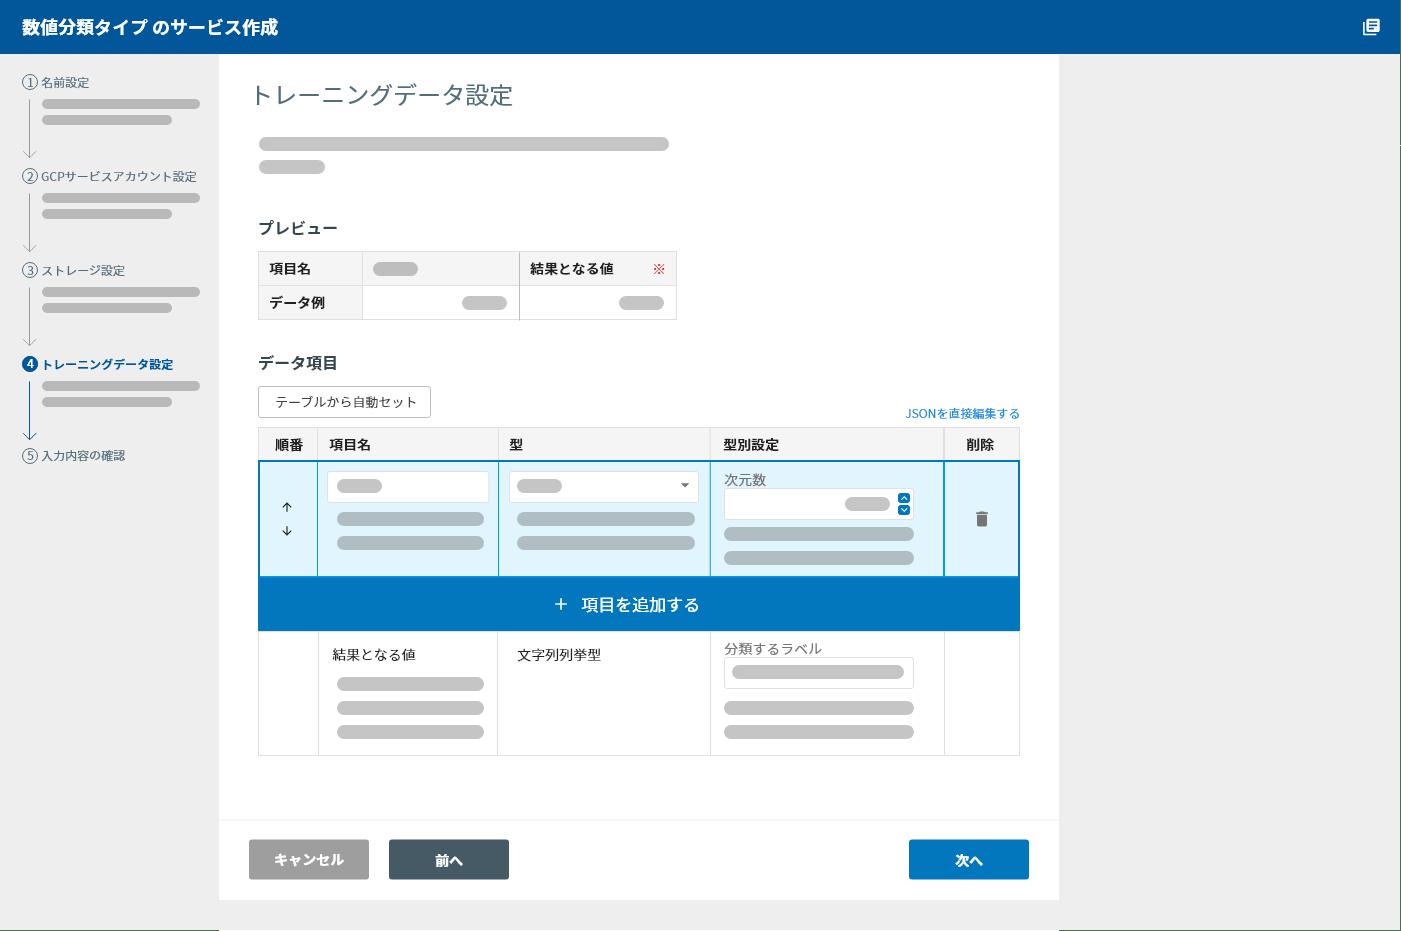 トレーニングデータ設定画面